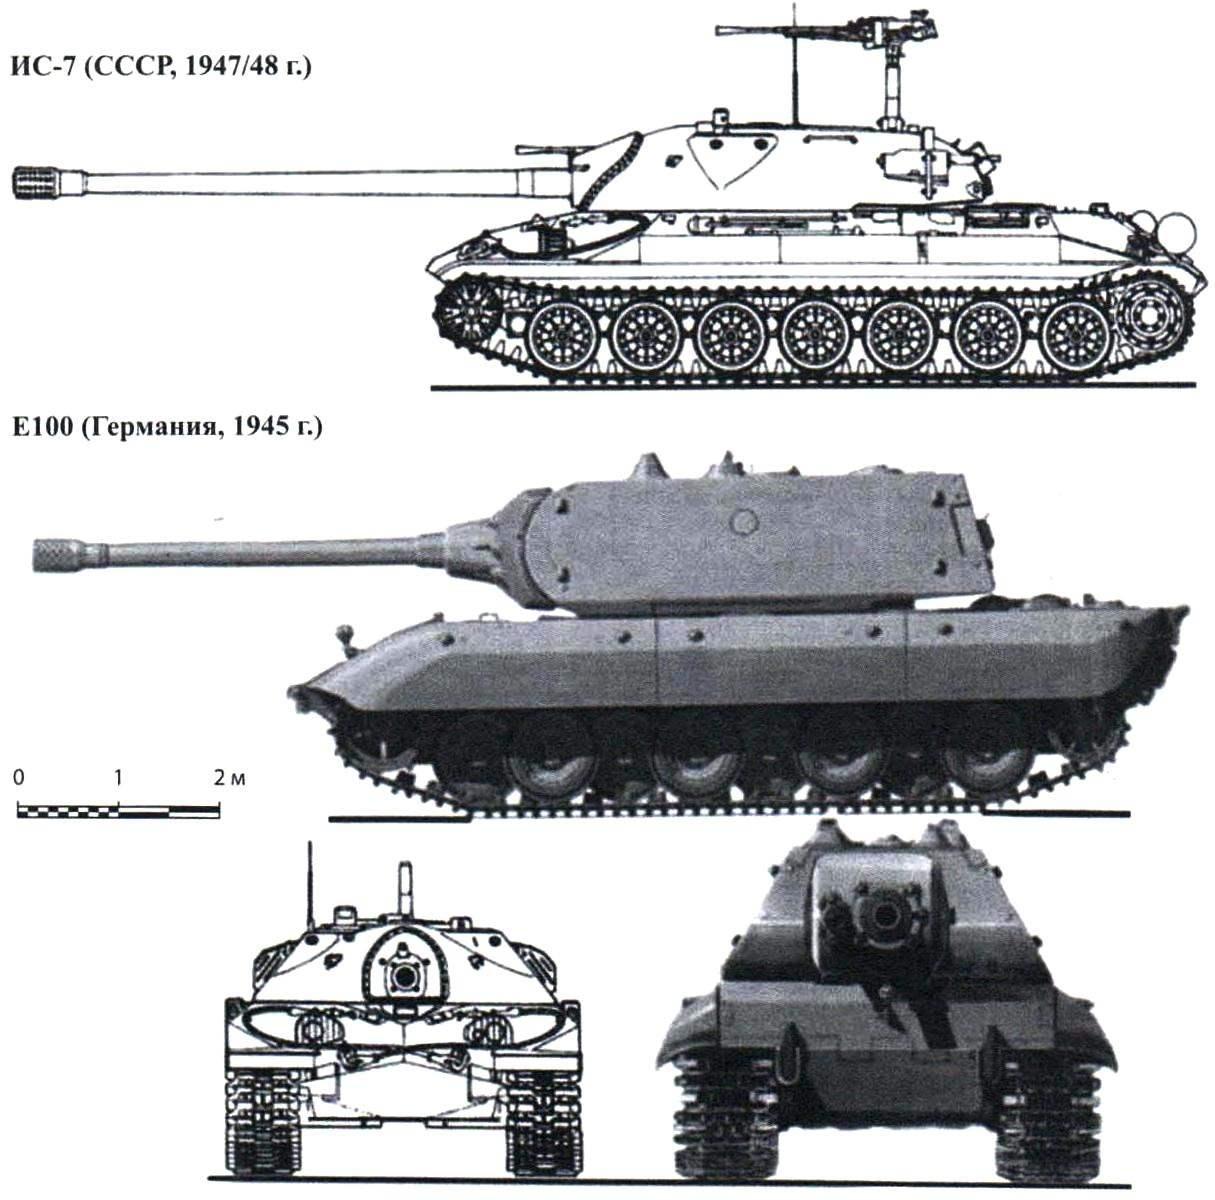 Сравнение танка ИС-7 и немецкого сверхтяжёлого Е100, альтернативы неудавшегося «Мауса»